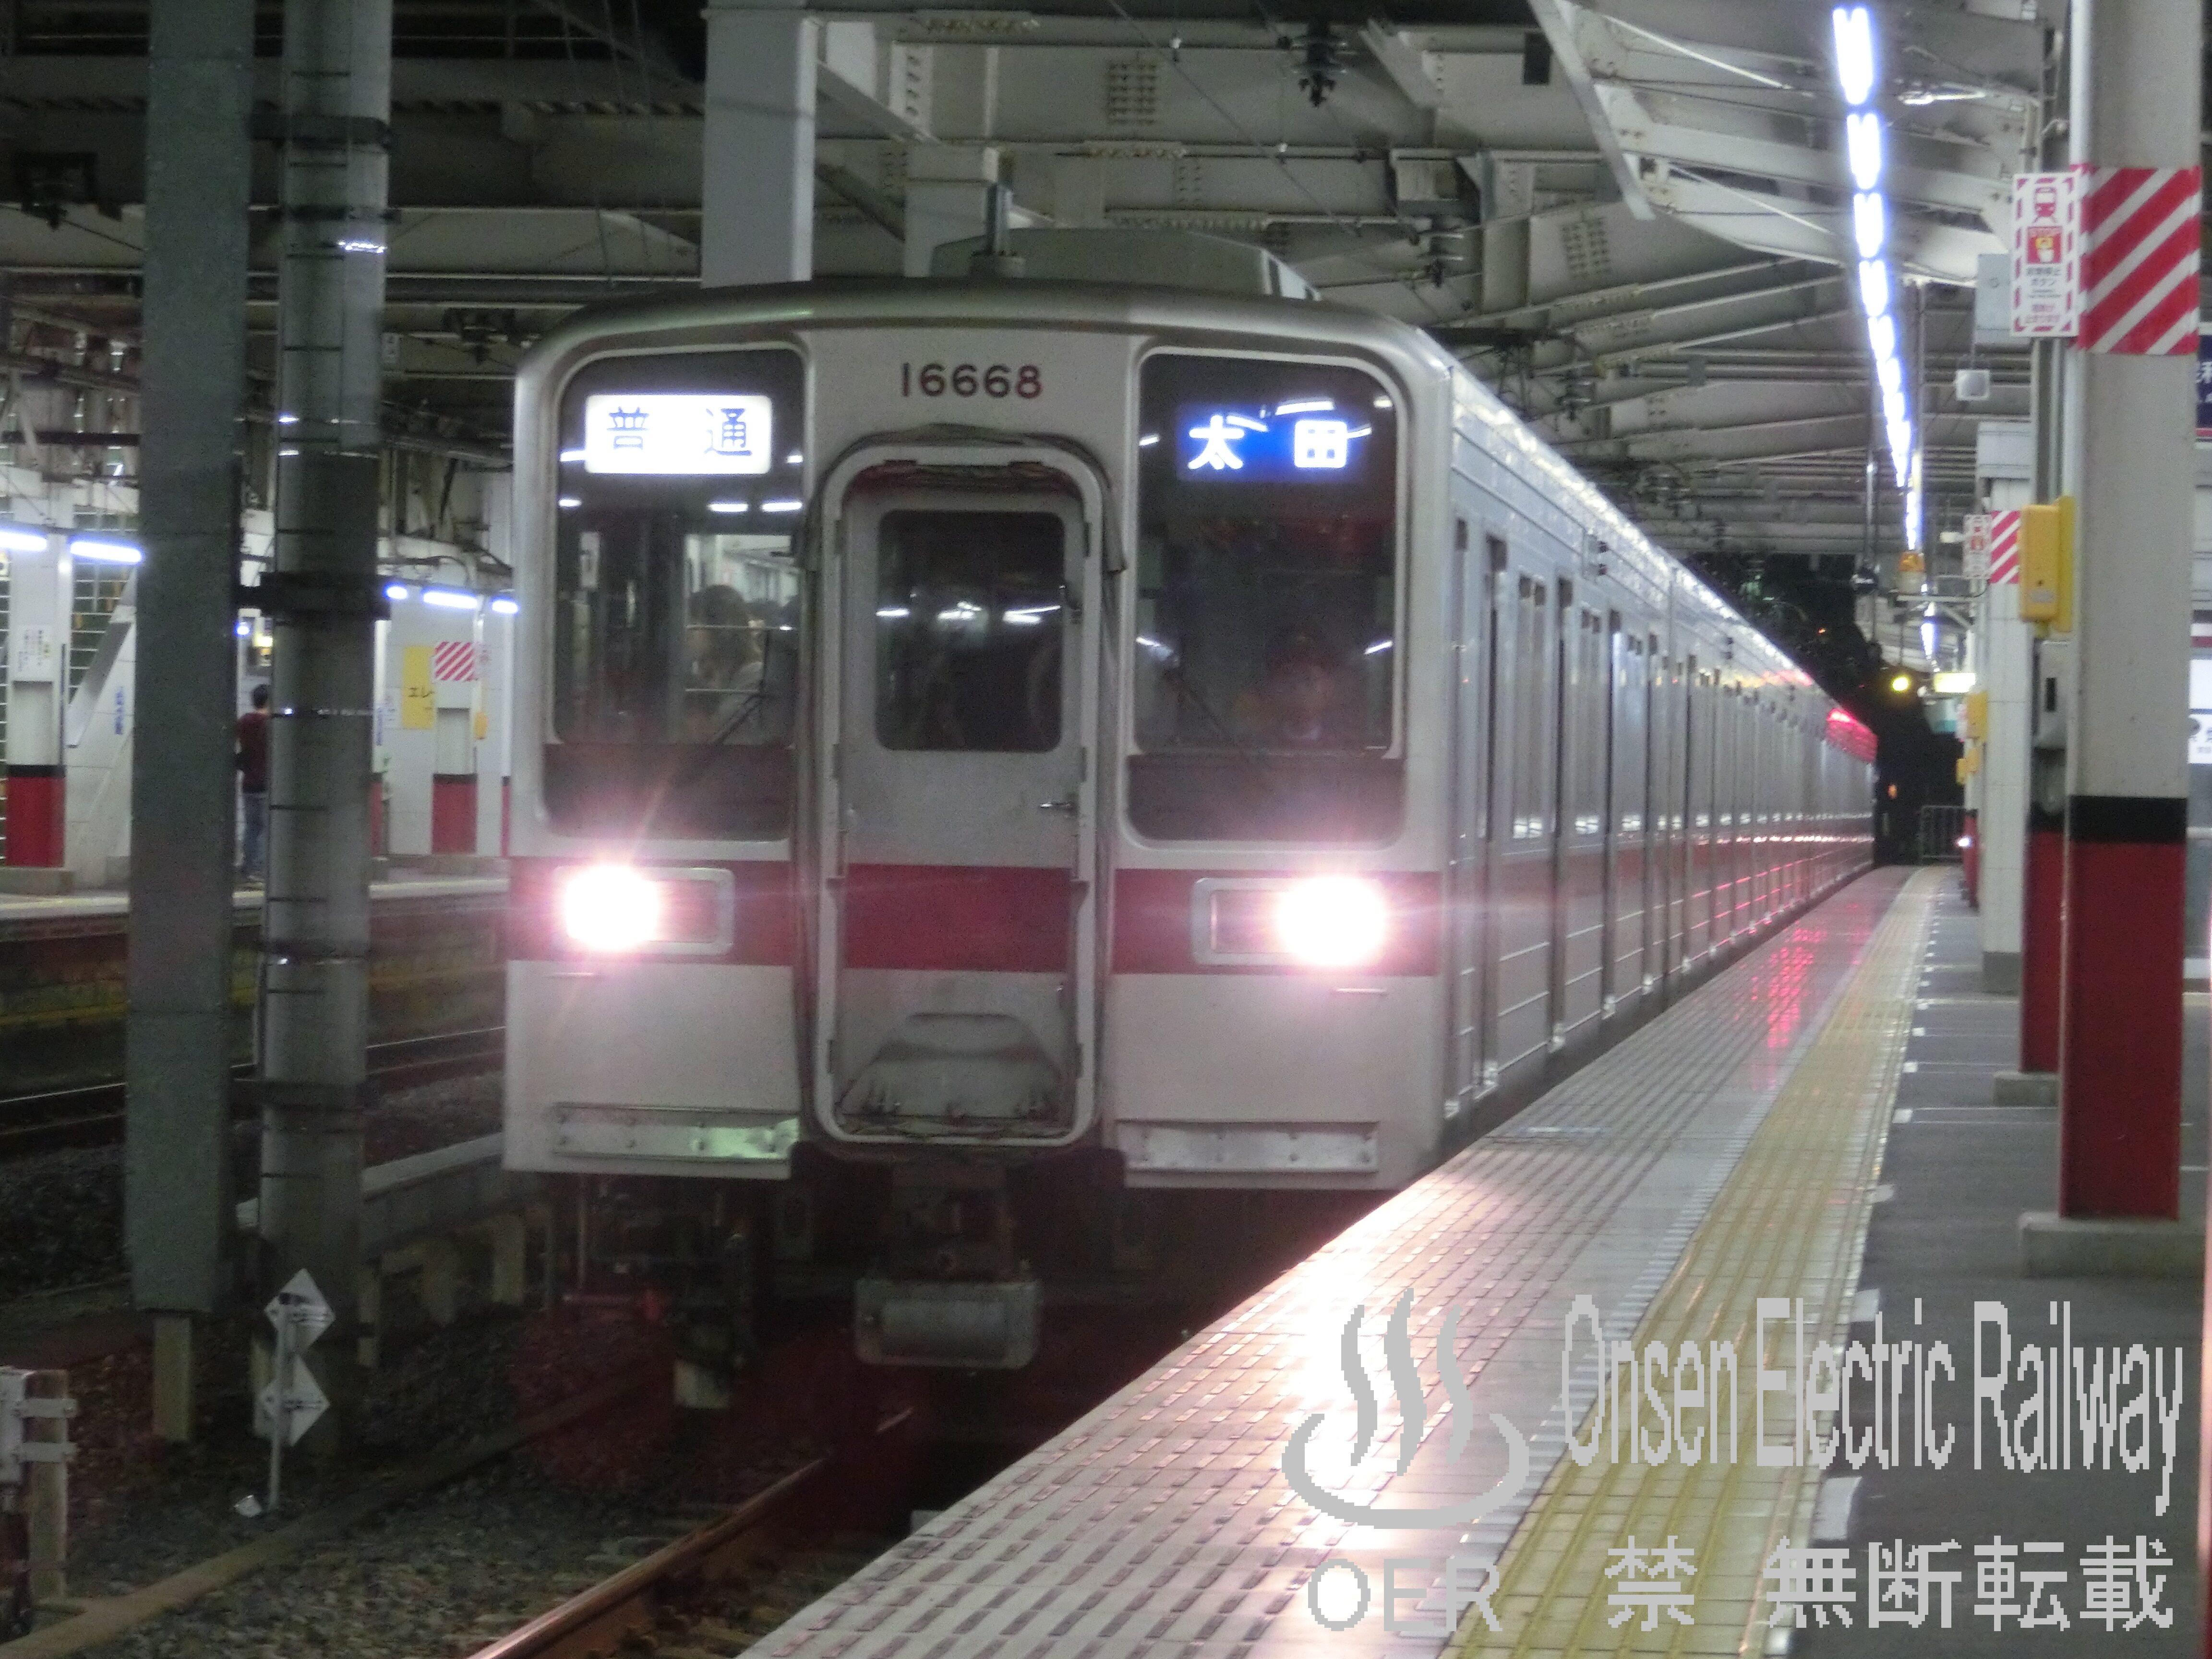 08_tobu_10050_16668.jpg